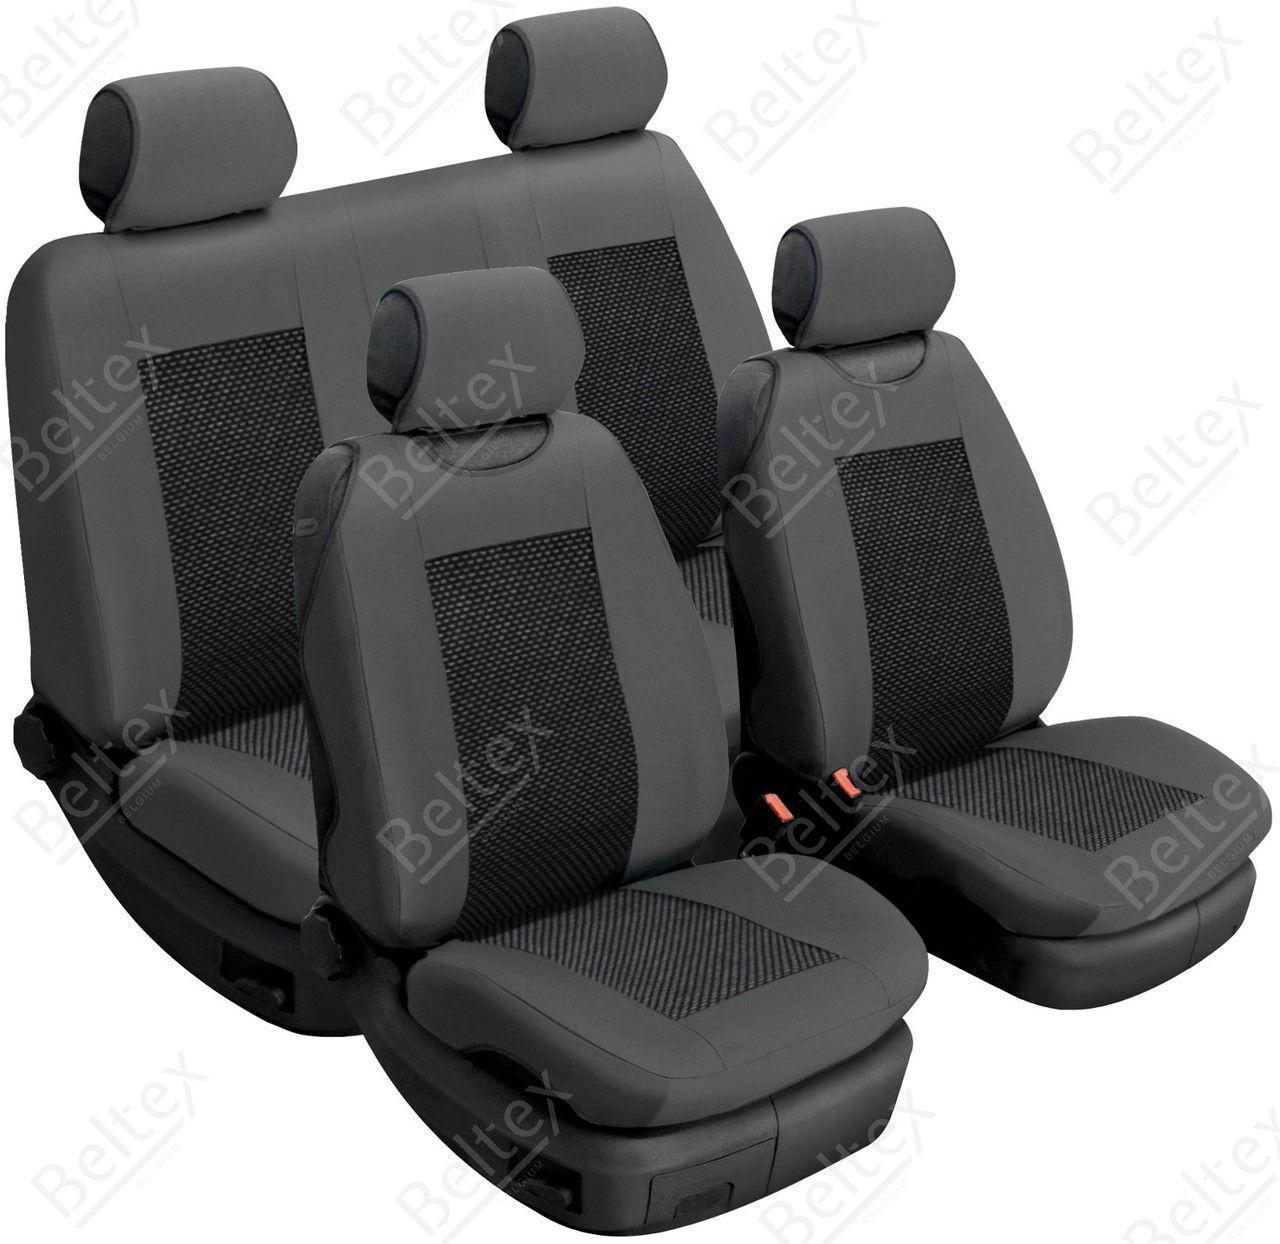 Майки/чехлы на сиденья Сеат Толедо 2 (Seat Toledo II)